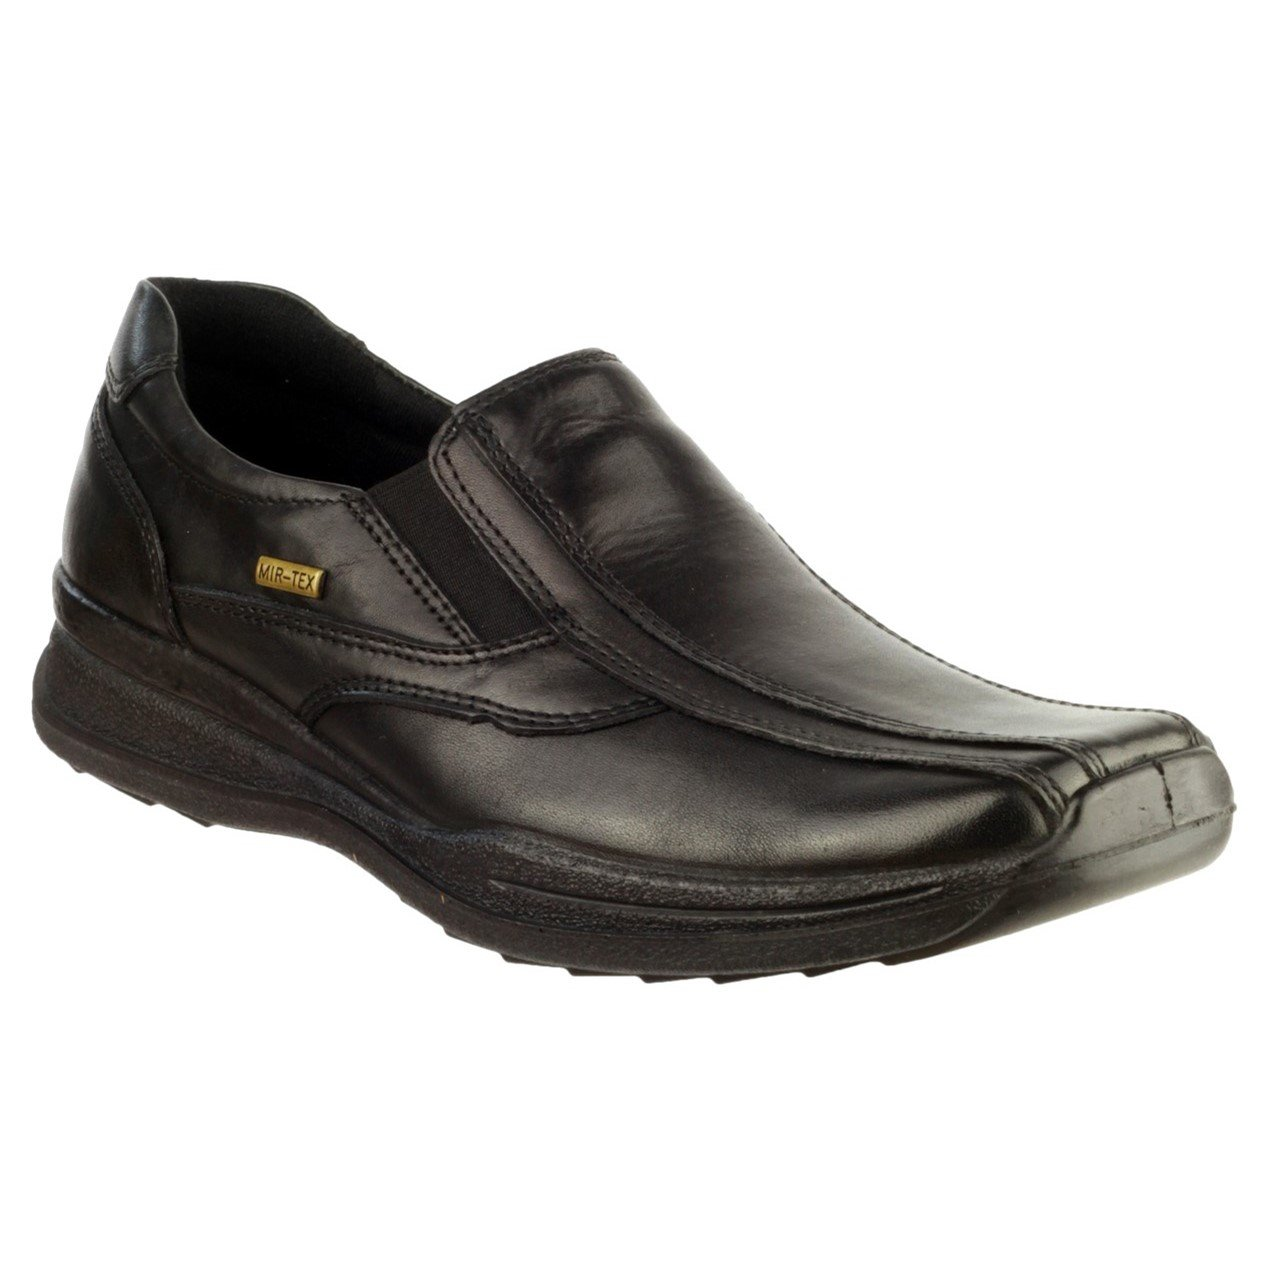 Cotswold Men's Naunton 2 Casual Shoe Various Colours 32969 - Black 8